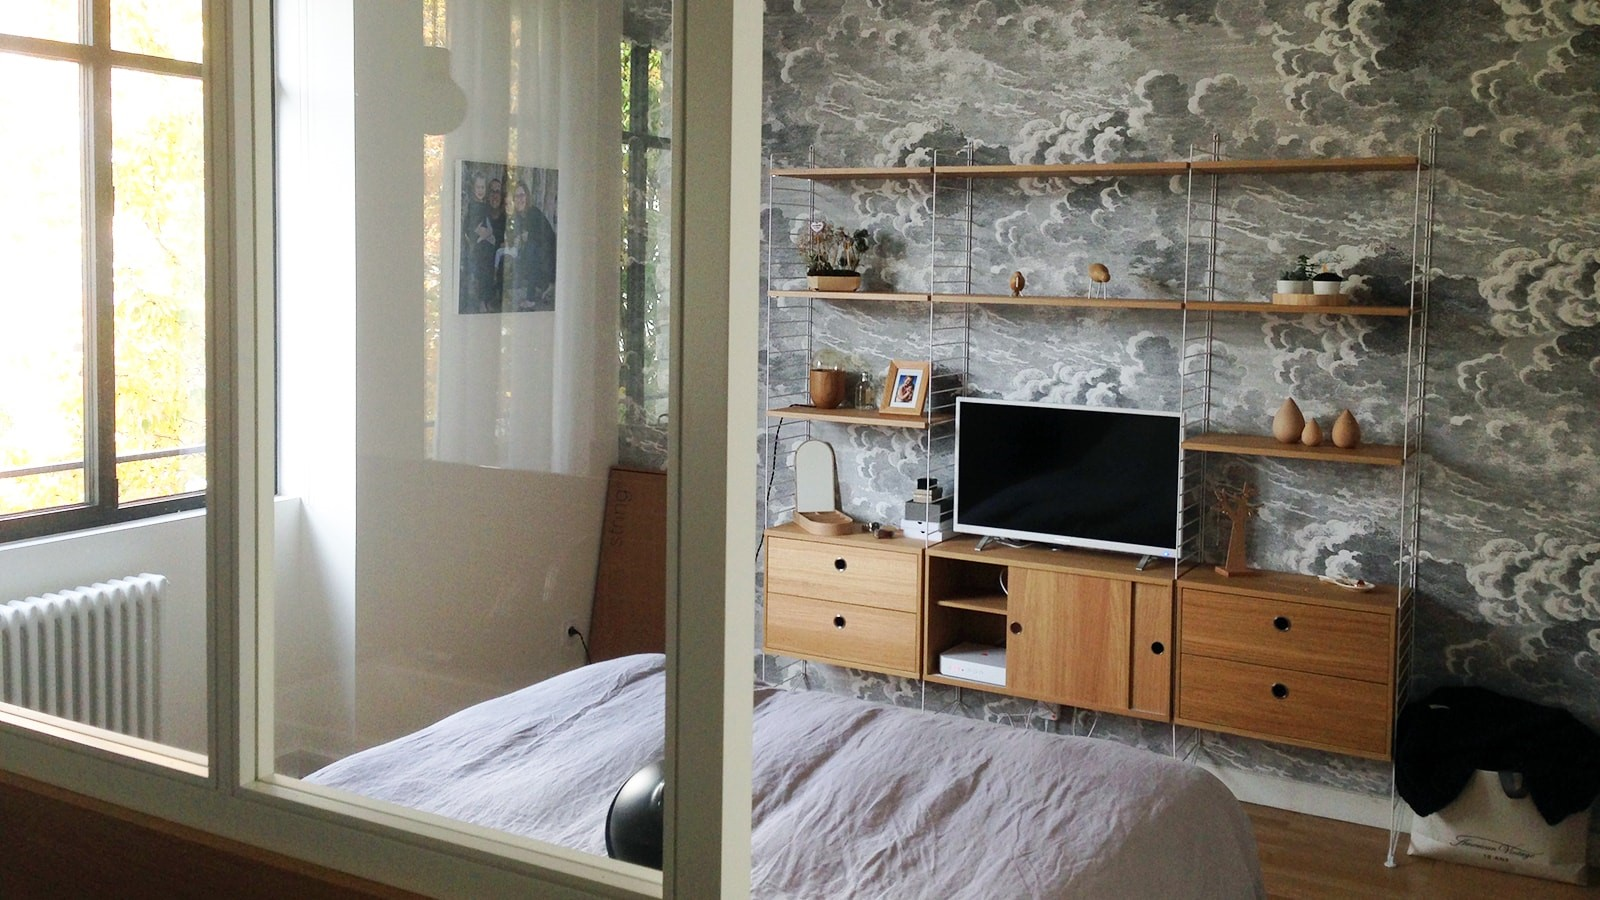 Maison Particuliere Nantes Efi Design (2)